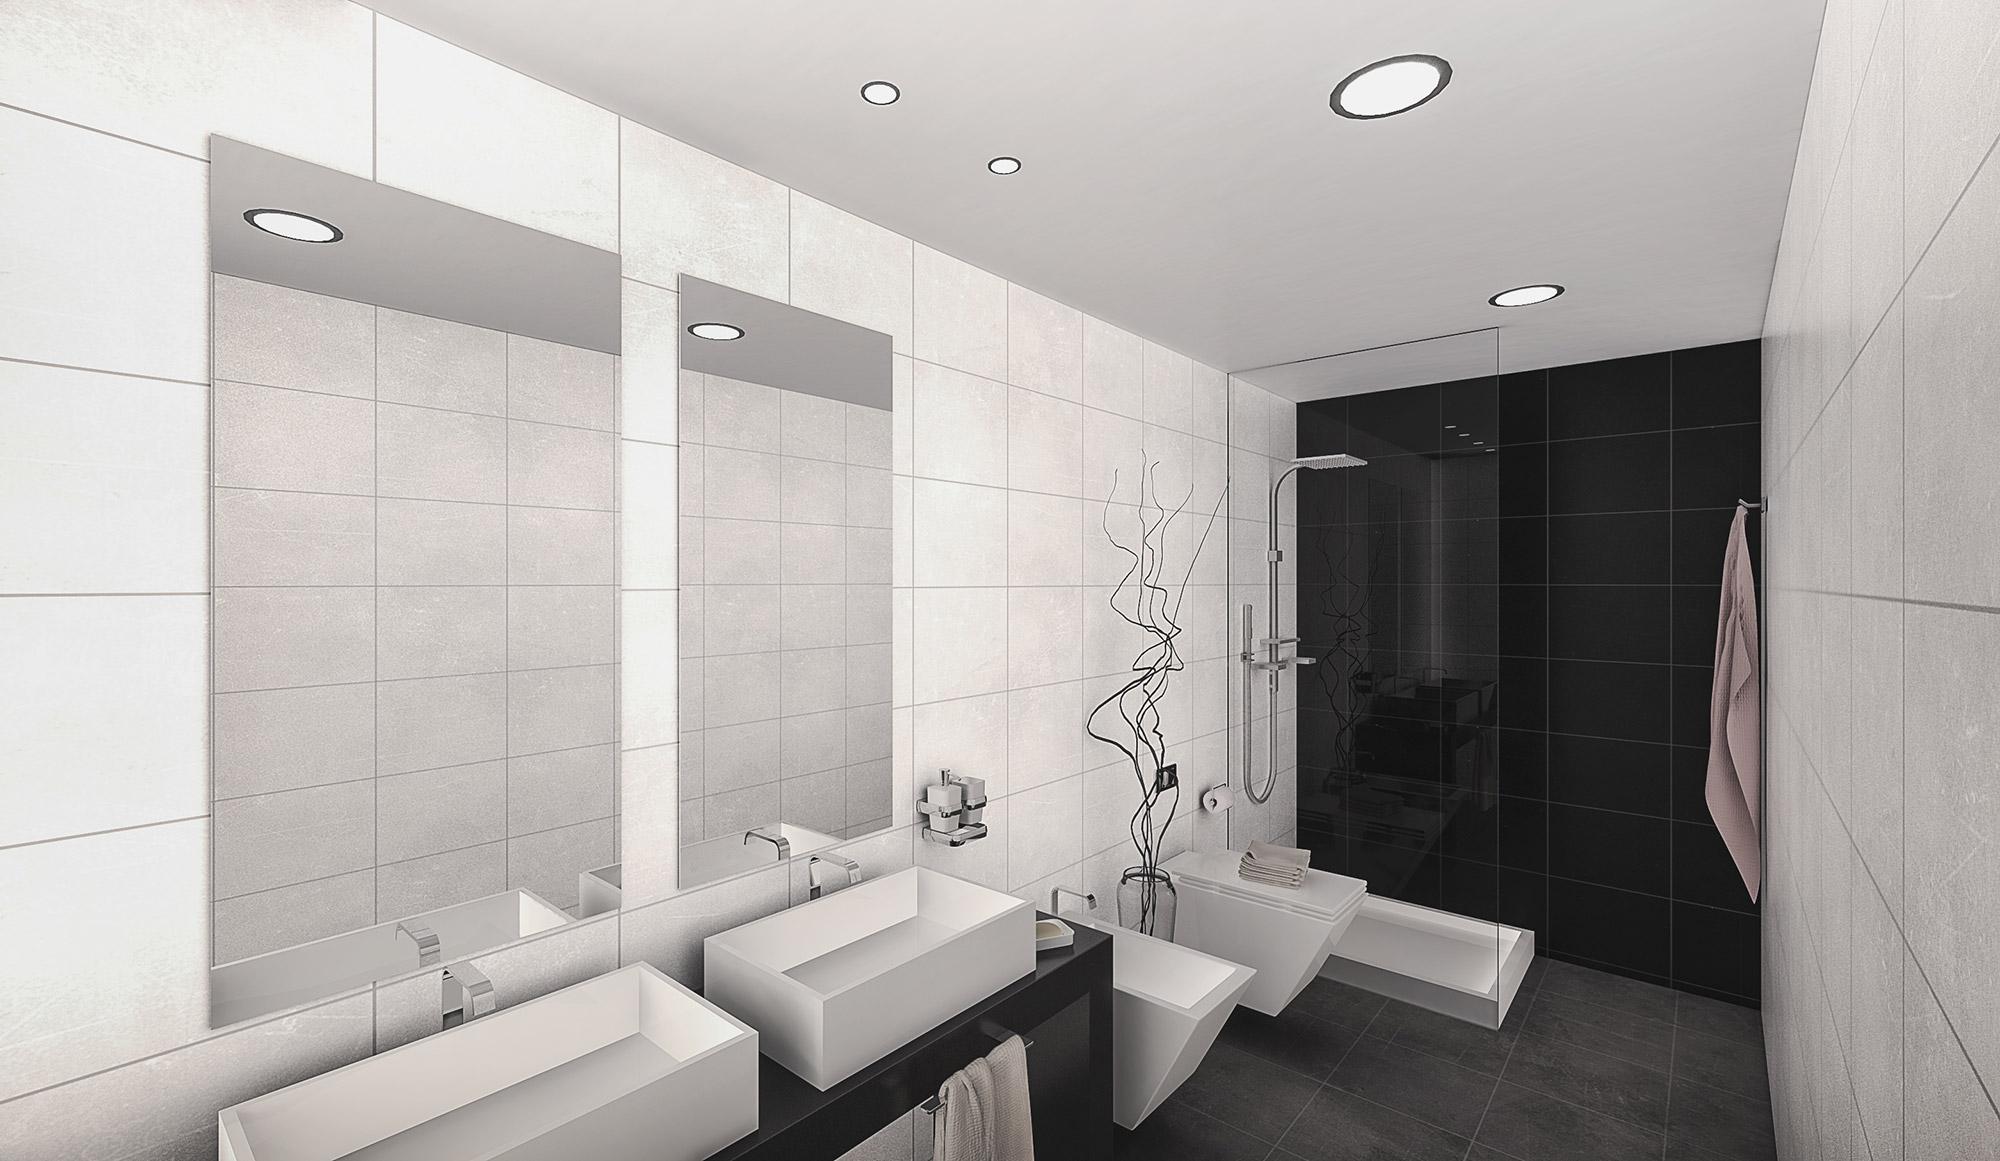 Proyecto de vivienda arquiayuda ayuda pfc arquitectura - Servicios de arquitectura ...